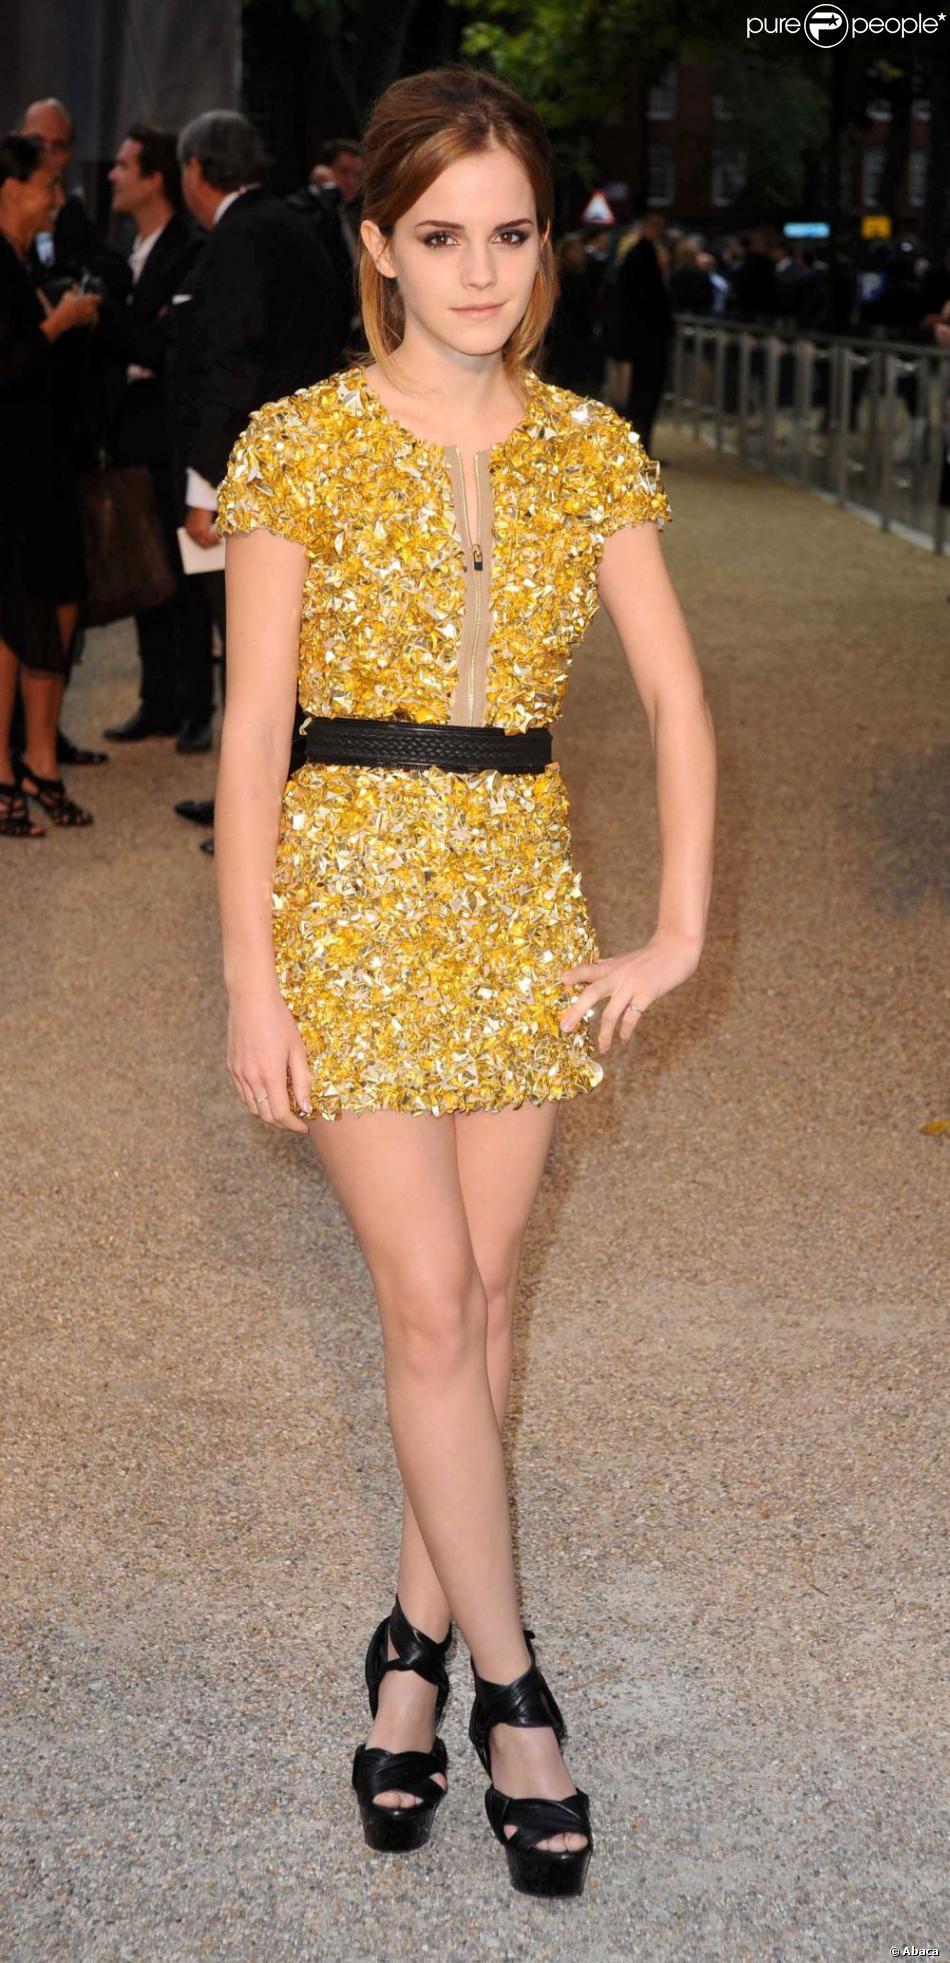 abab1c3d9a4c4 Emma Watson a tout juste avec cette ravissante robe courte dorée qui  dévoile ses jambes sculpturales. Londres